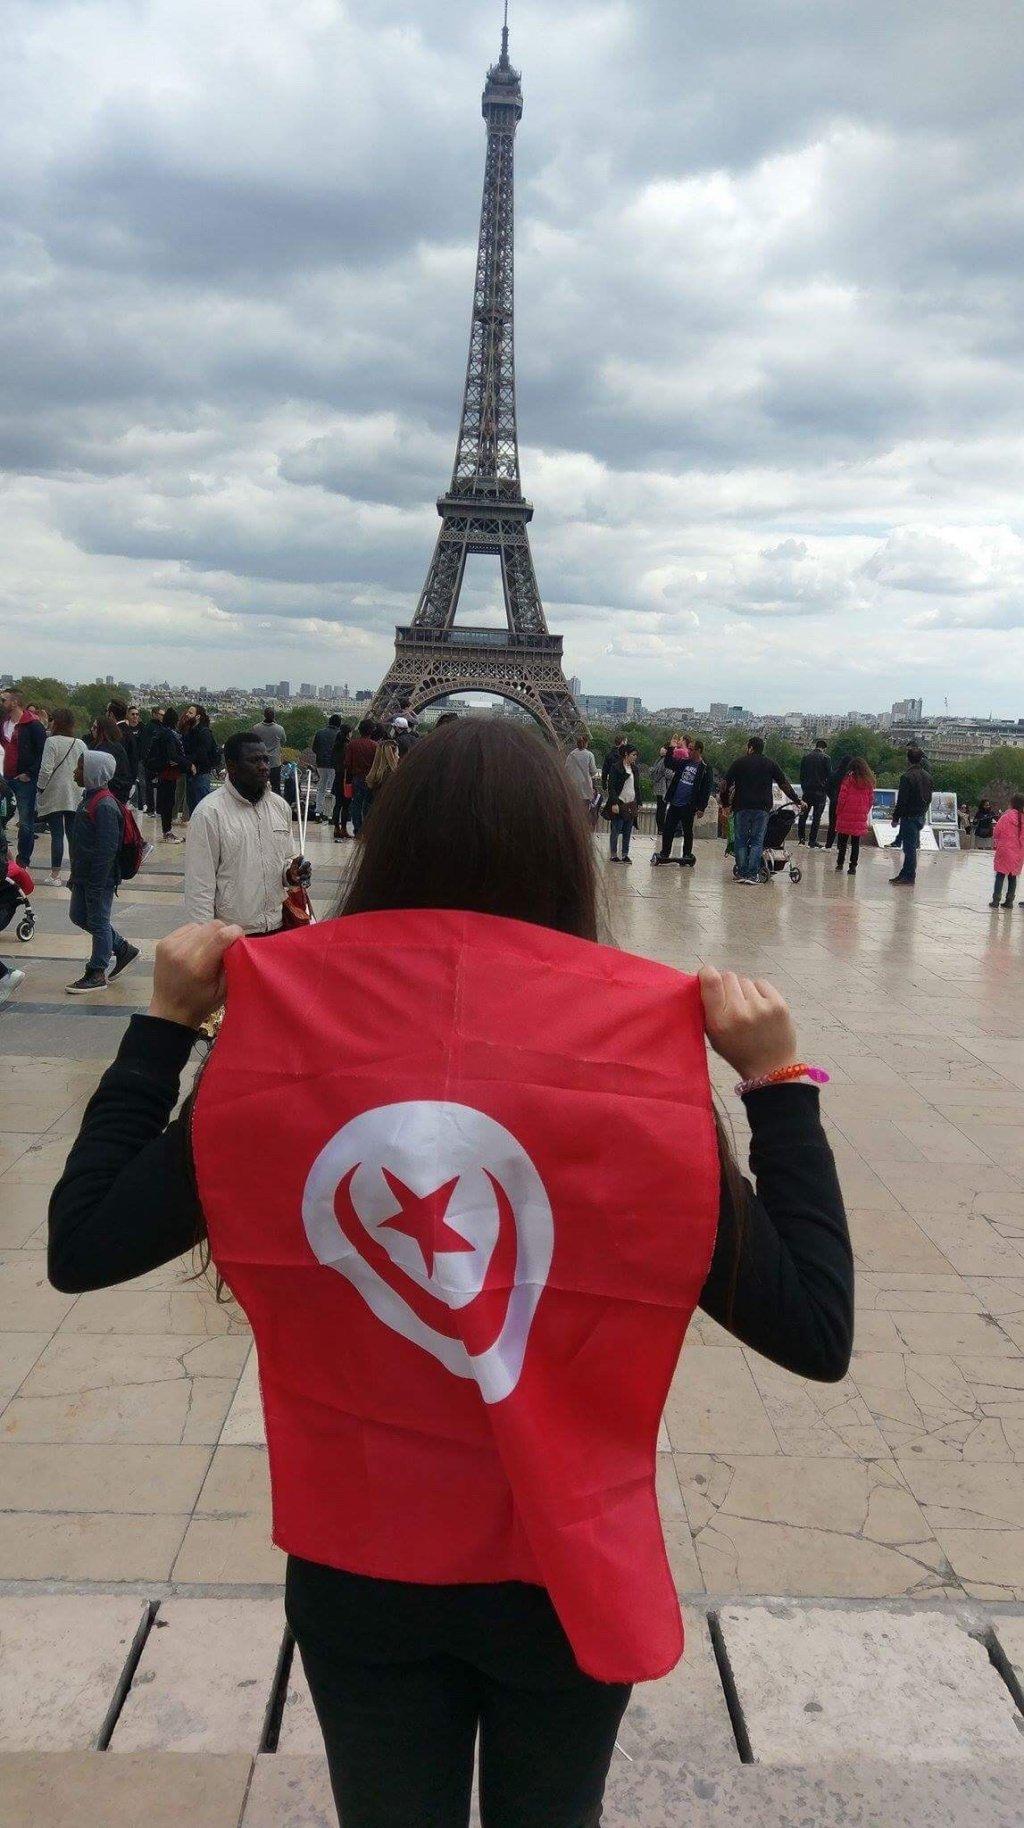 مهندسة تونسية شابة أمام برج إيفل/الصورة: عزة بن حميدة